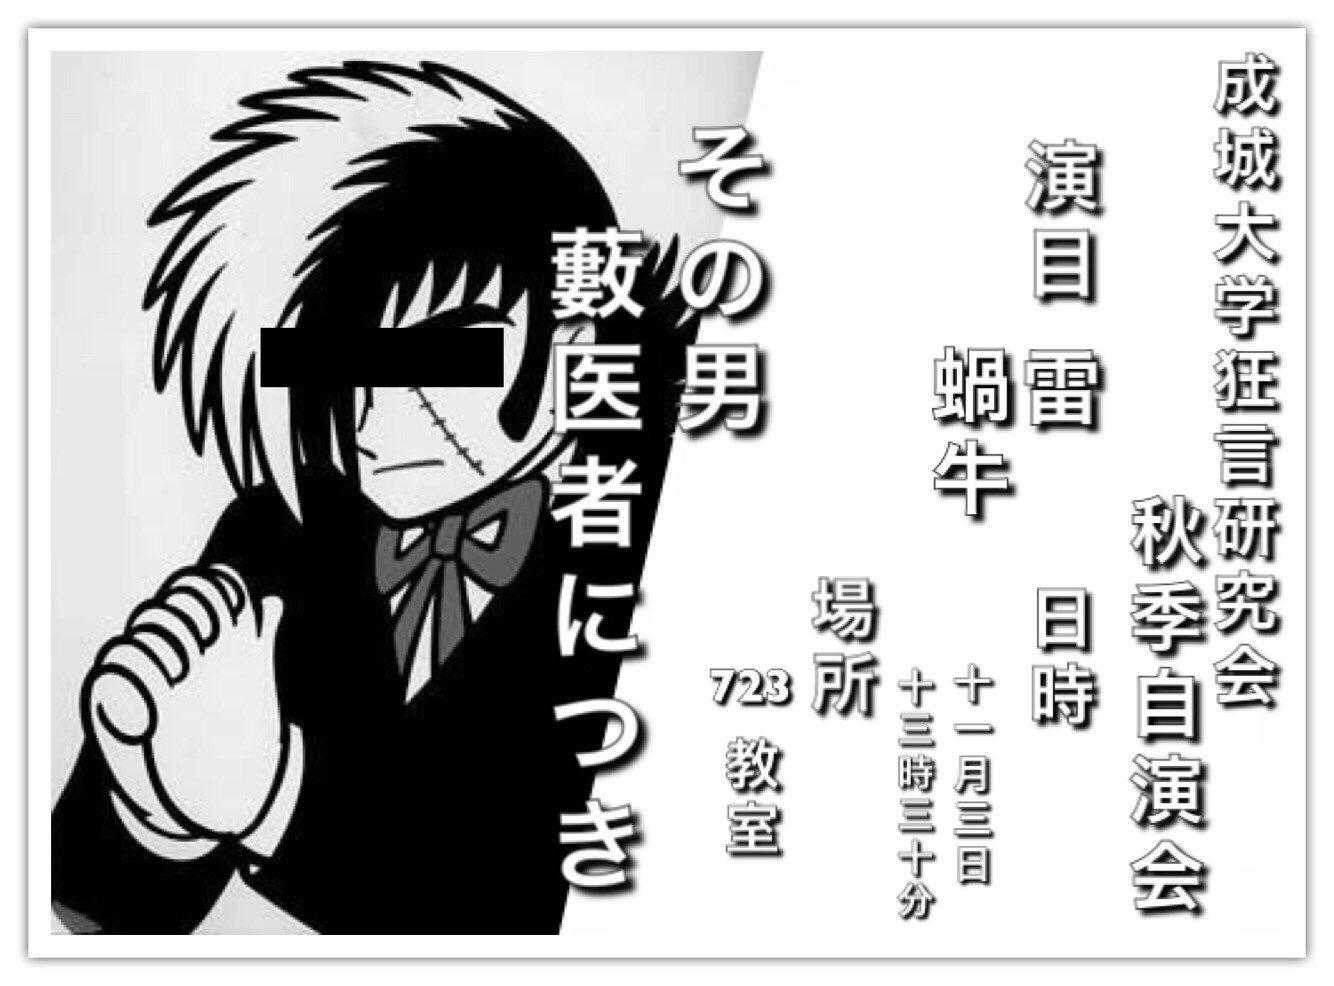 【出演します】成城大学狂言研究会自演会_c0064941_00233505.jpg